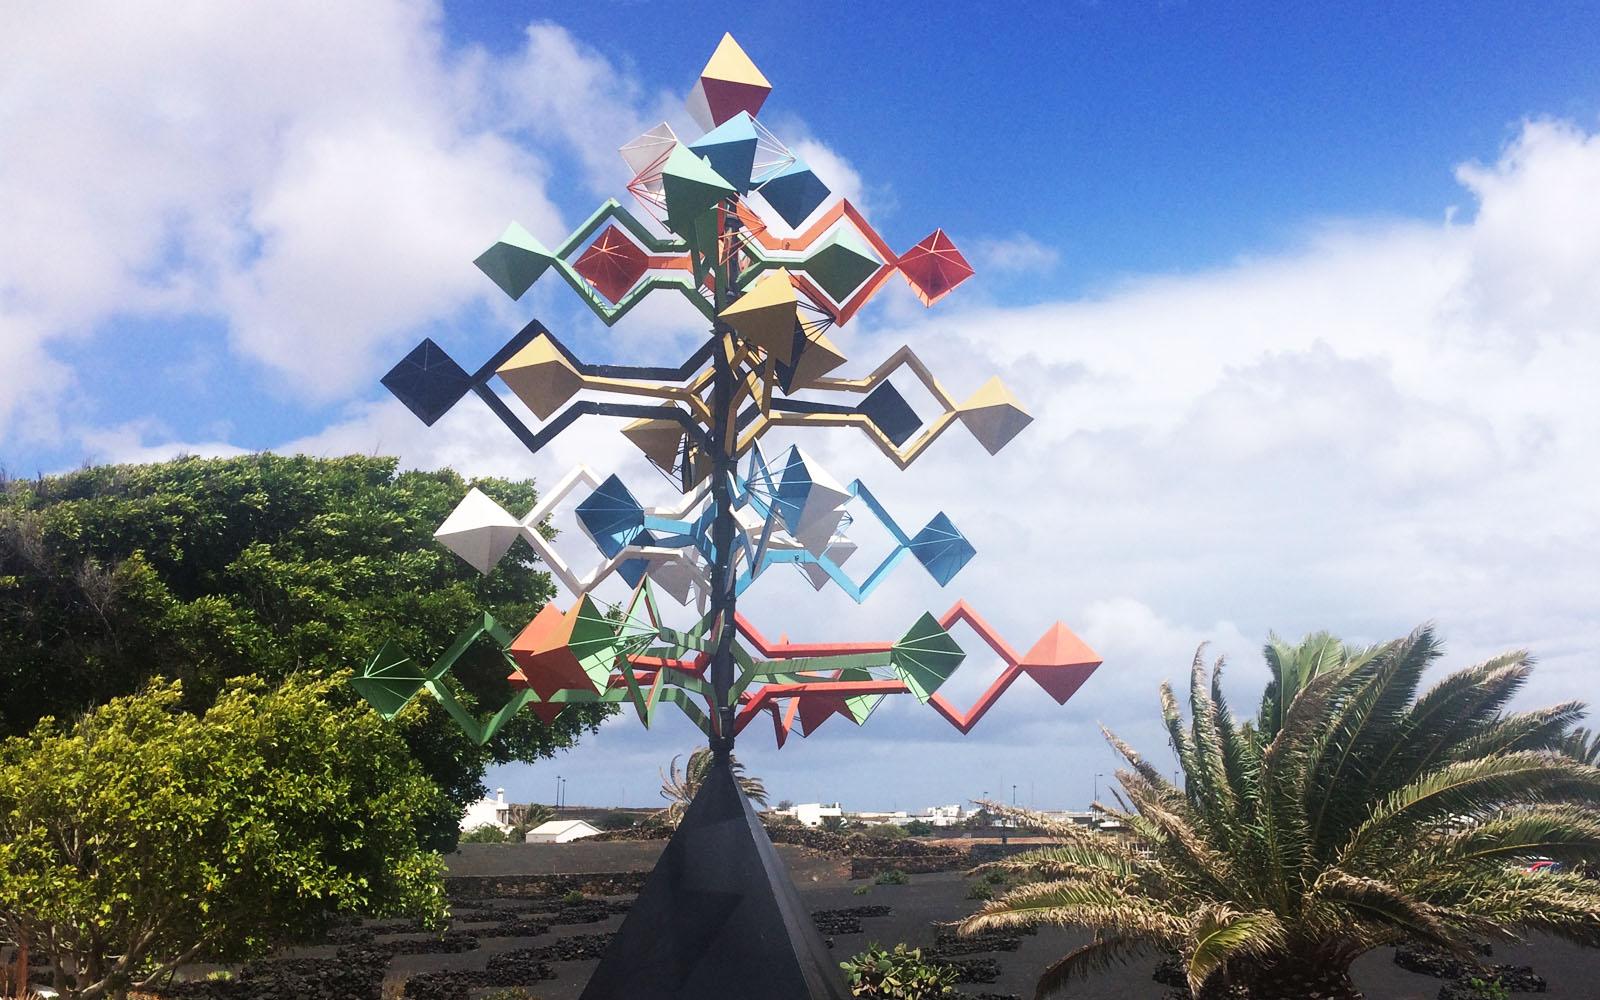 """La scultura """"El Juguete del Viento"""" di Manrique, nel giardino della sua Fondazione a Lanzarote."""